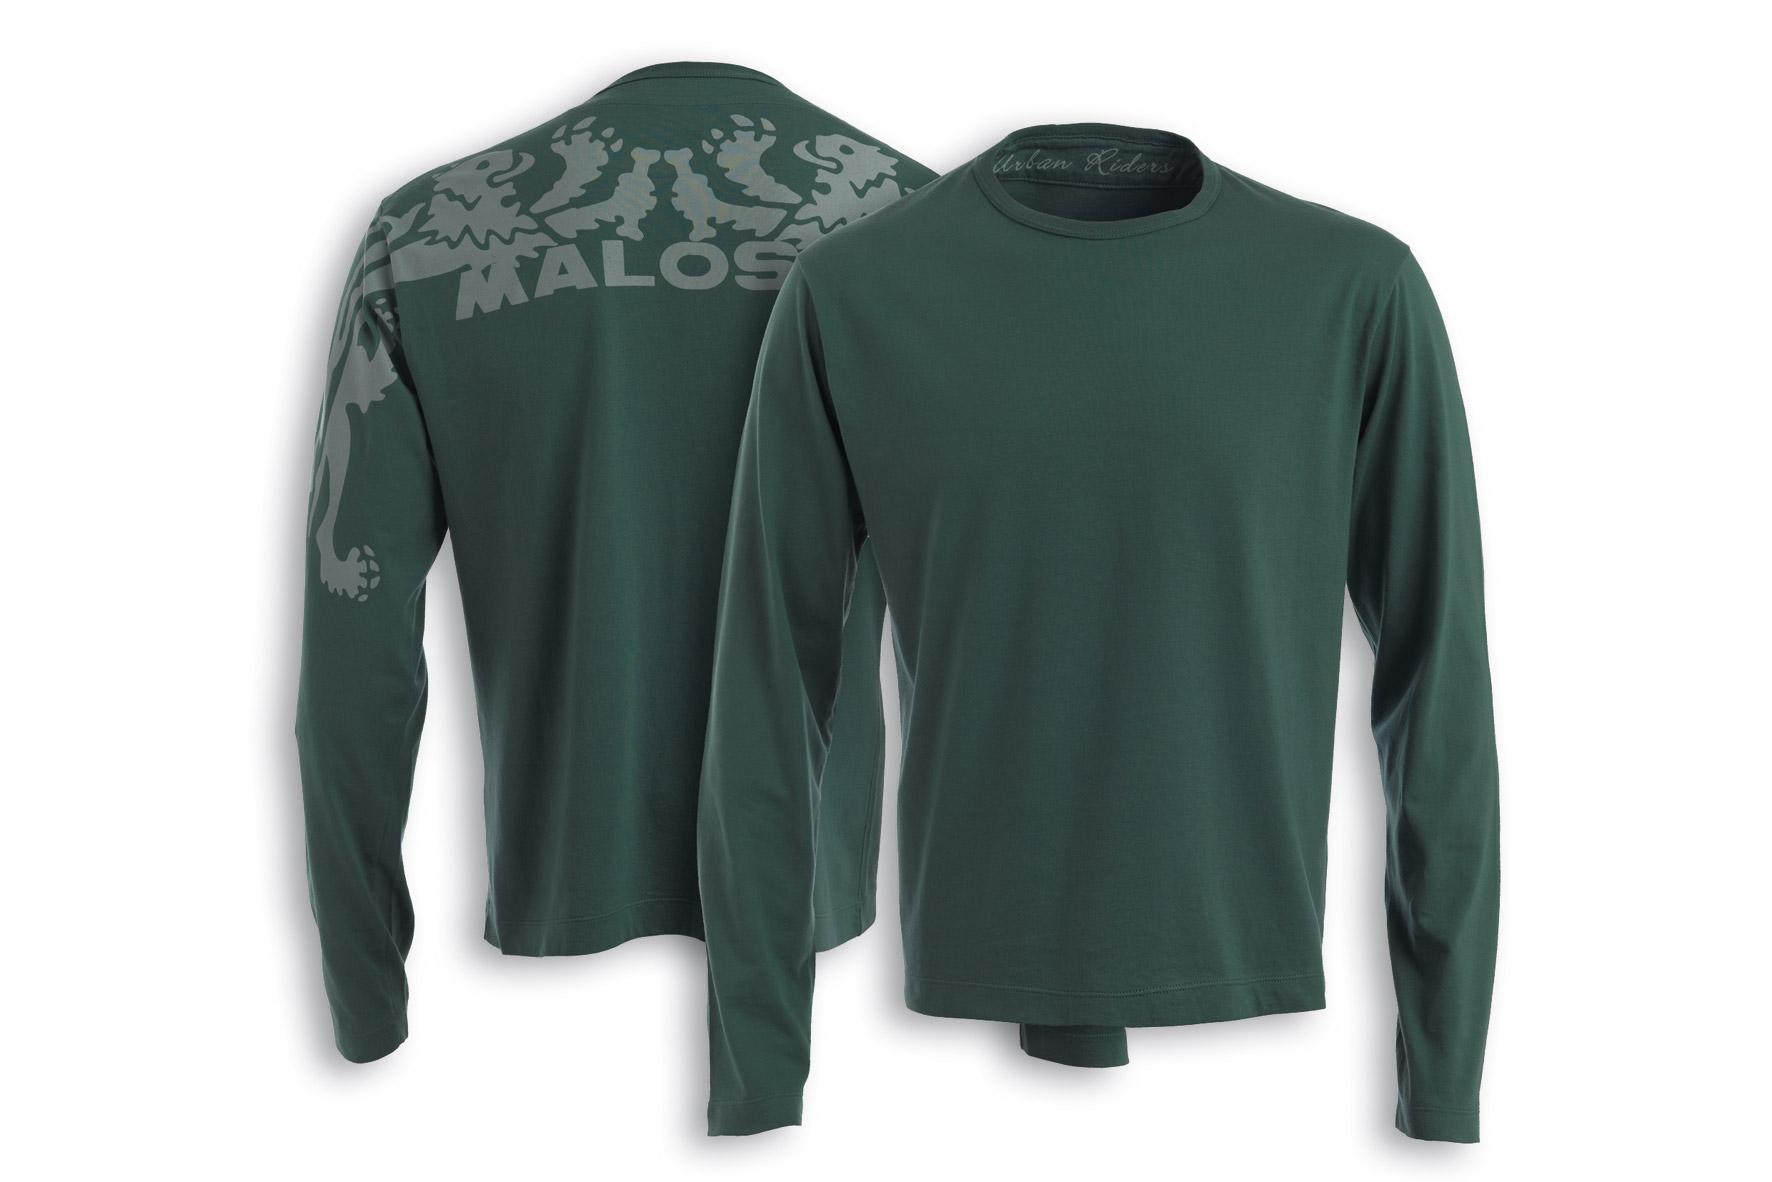 T - shirt Malossi Griffe START con manica lunga di colore verde militare - taglia S